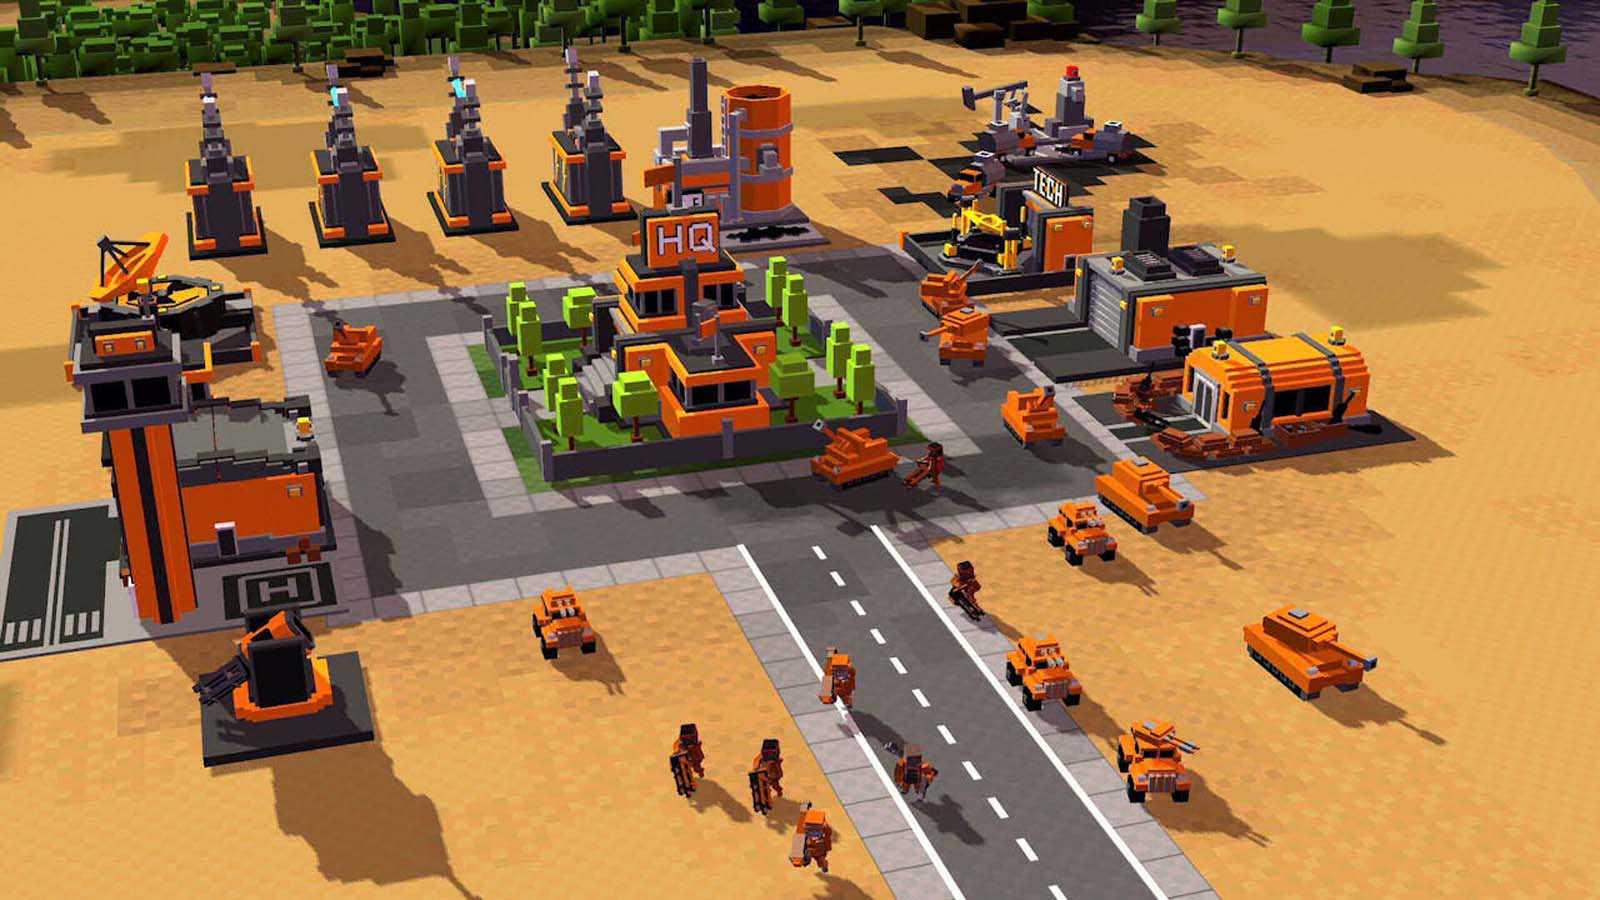 تحميل لعبة 8-Bit Armies مضغوطة برابط واحد مباشر كاملة مجانا